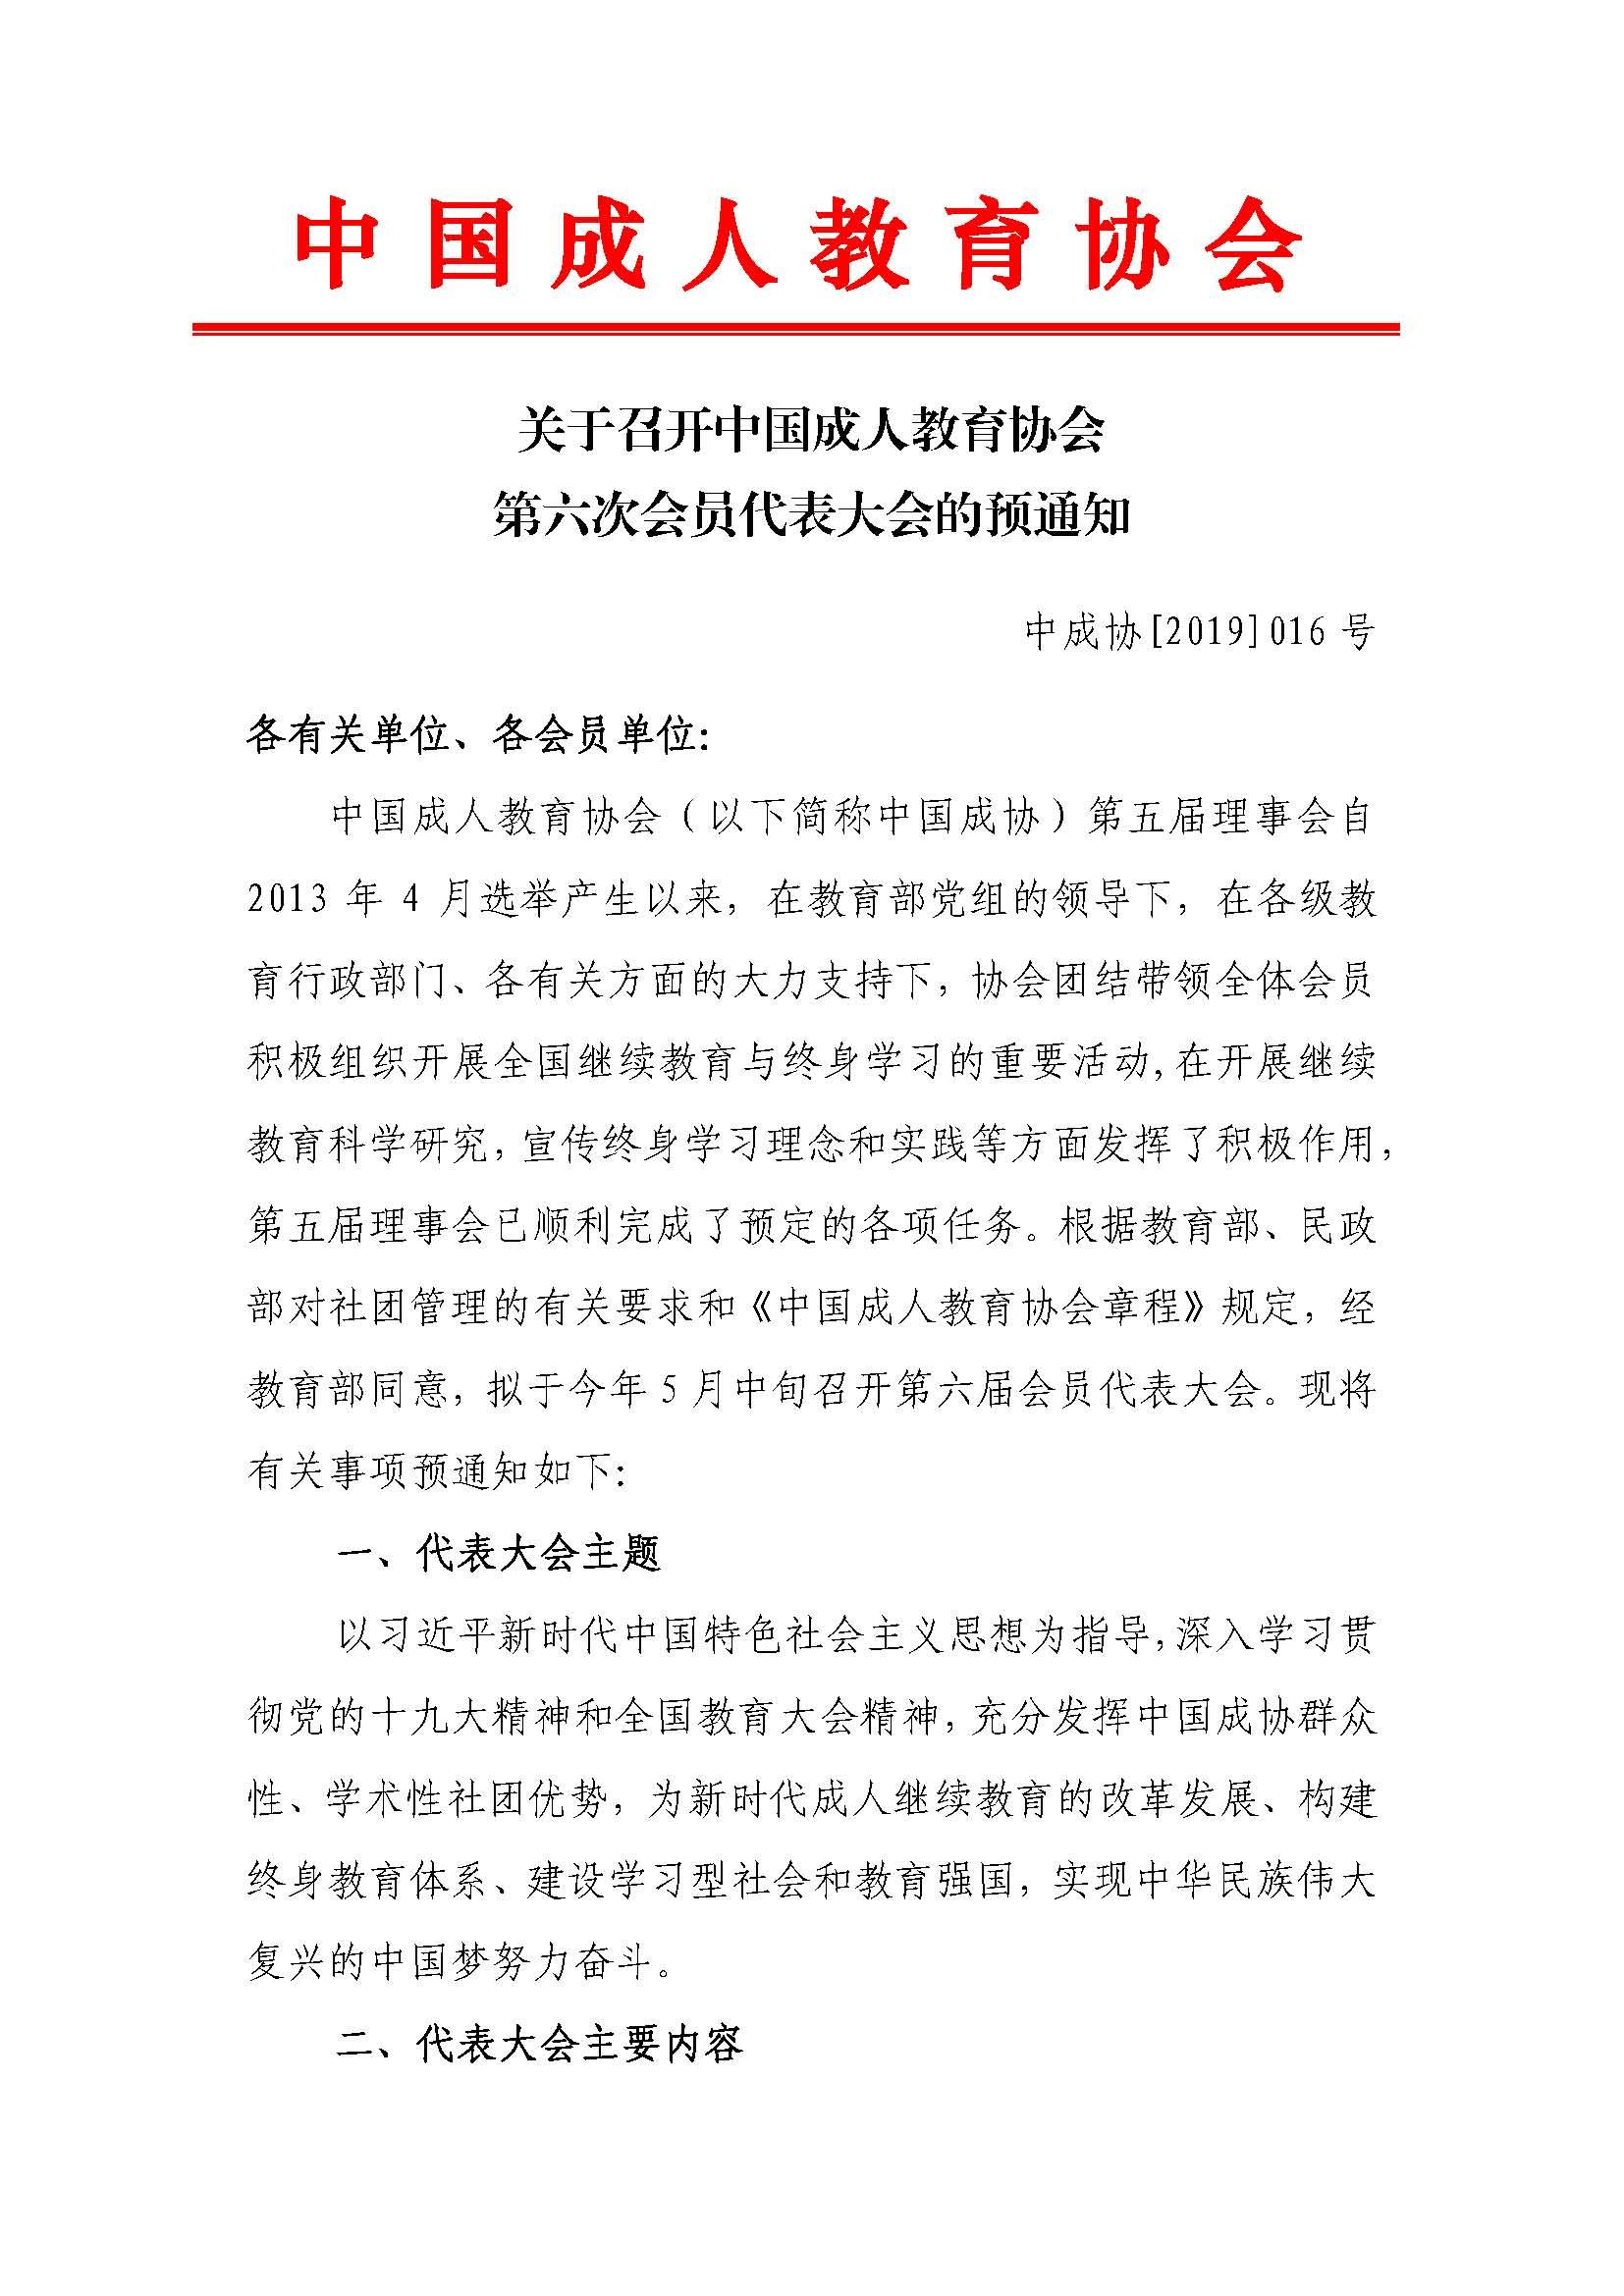 关于召开中国成人教育协会的预通知1